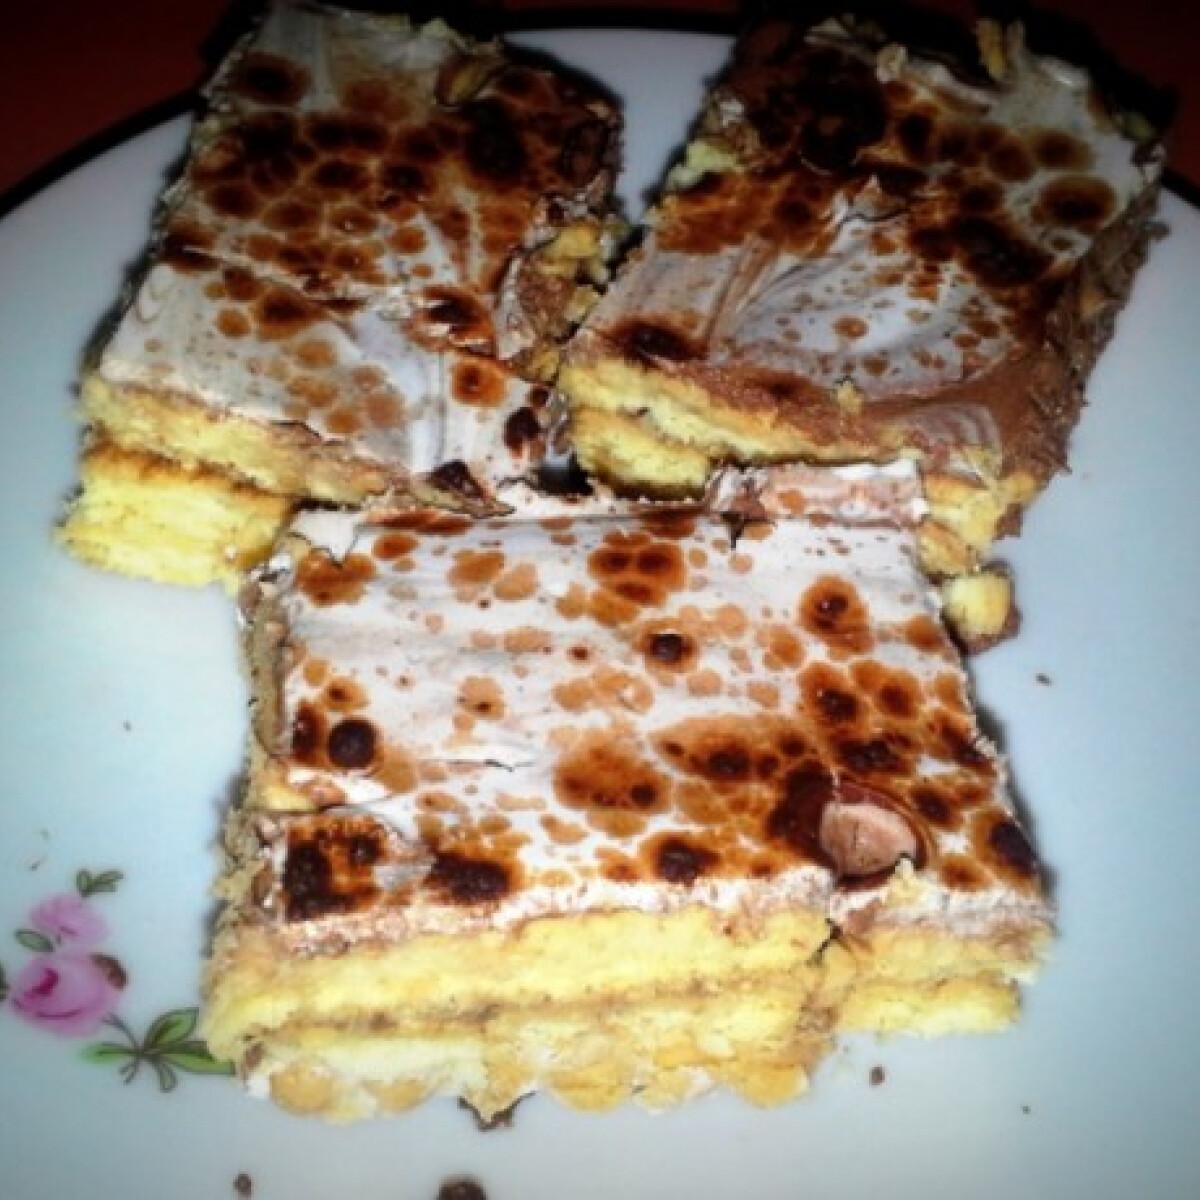 Ezen a képen: Diétás kekszes csodasüti